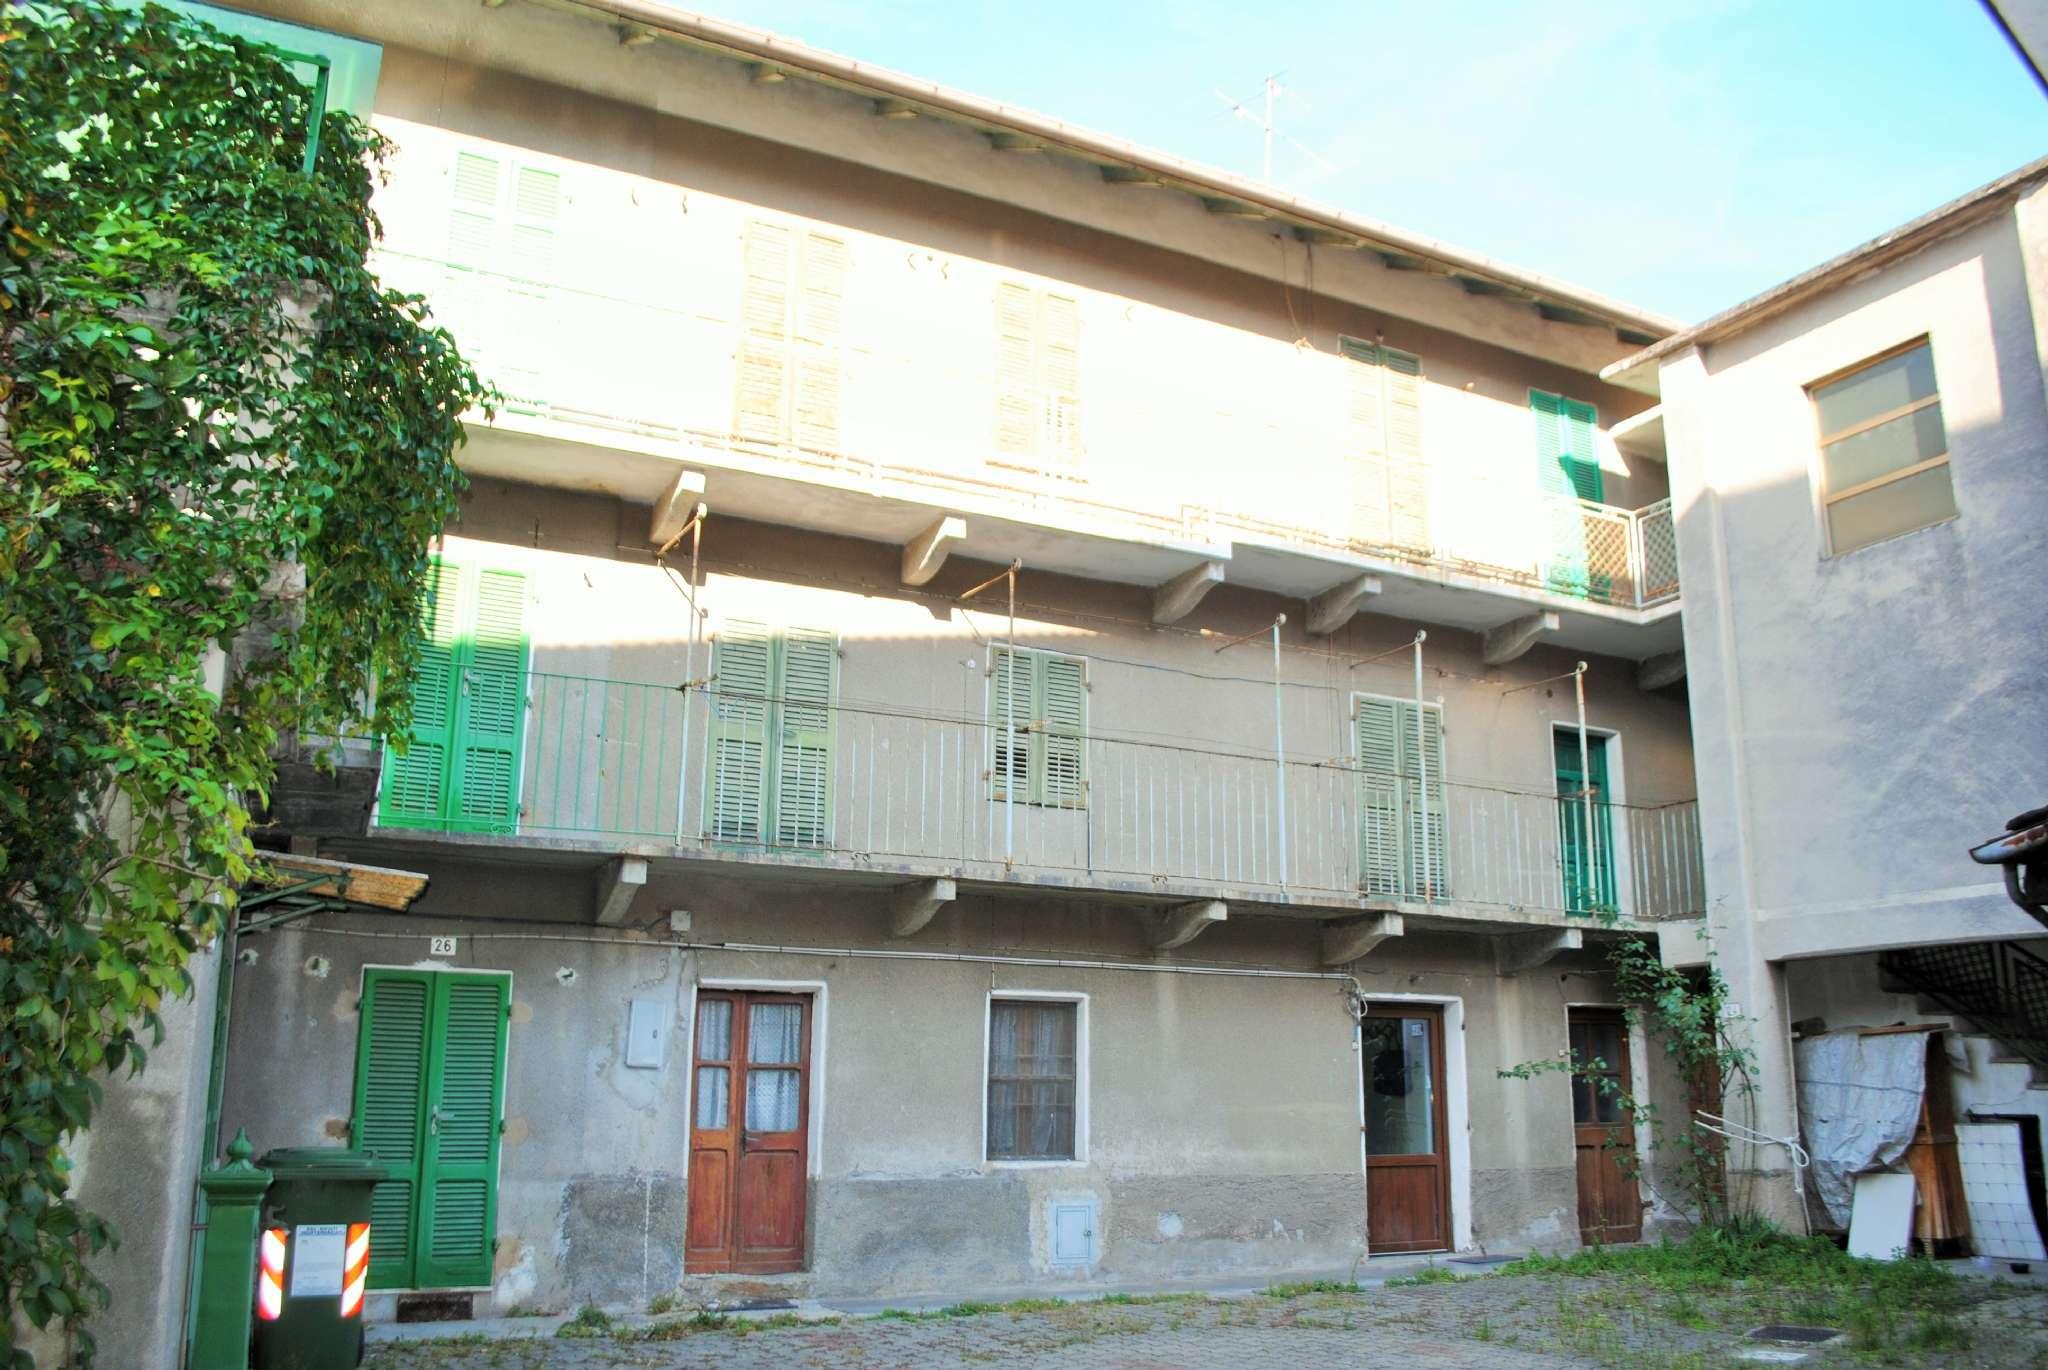 Soluzione Indipendente in vendita a Borgone Susa, 12 locali, prezzo € 65.000 | PortaleAgenzieImmobiliari.it